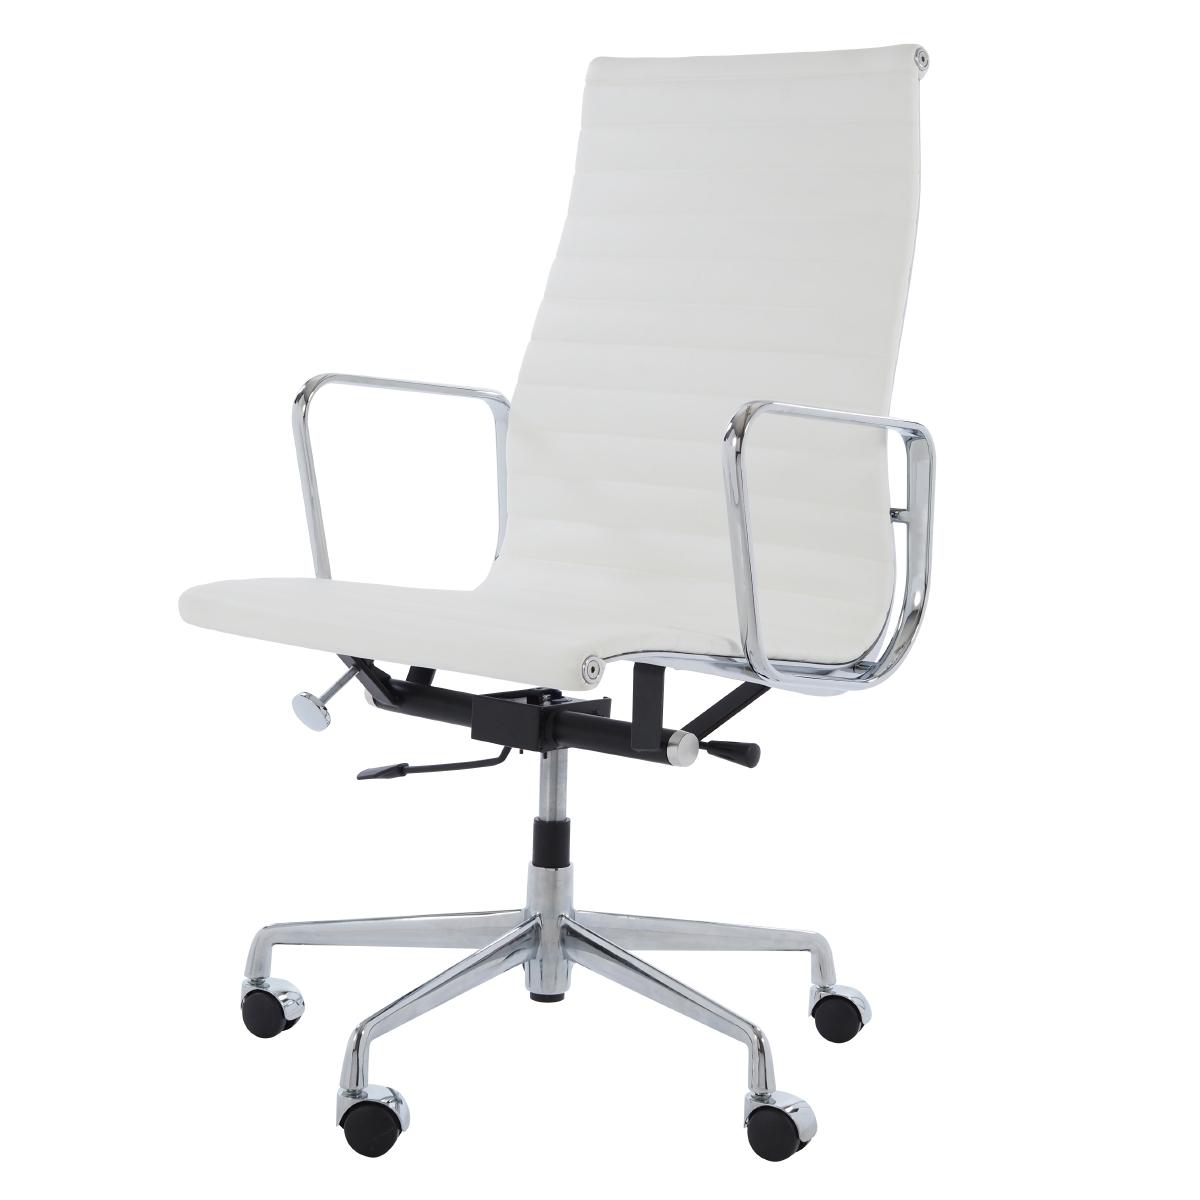 Silla de oficina EA119 blanco